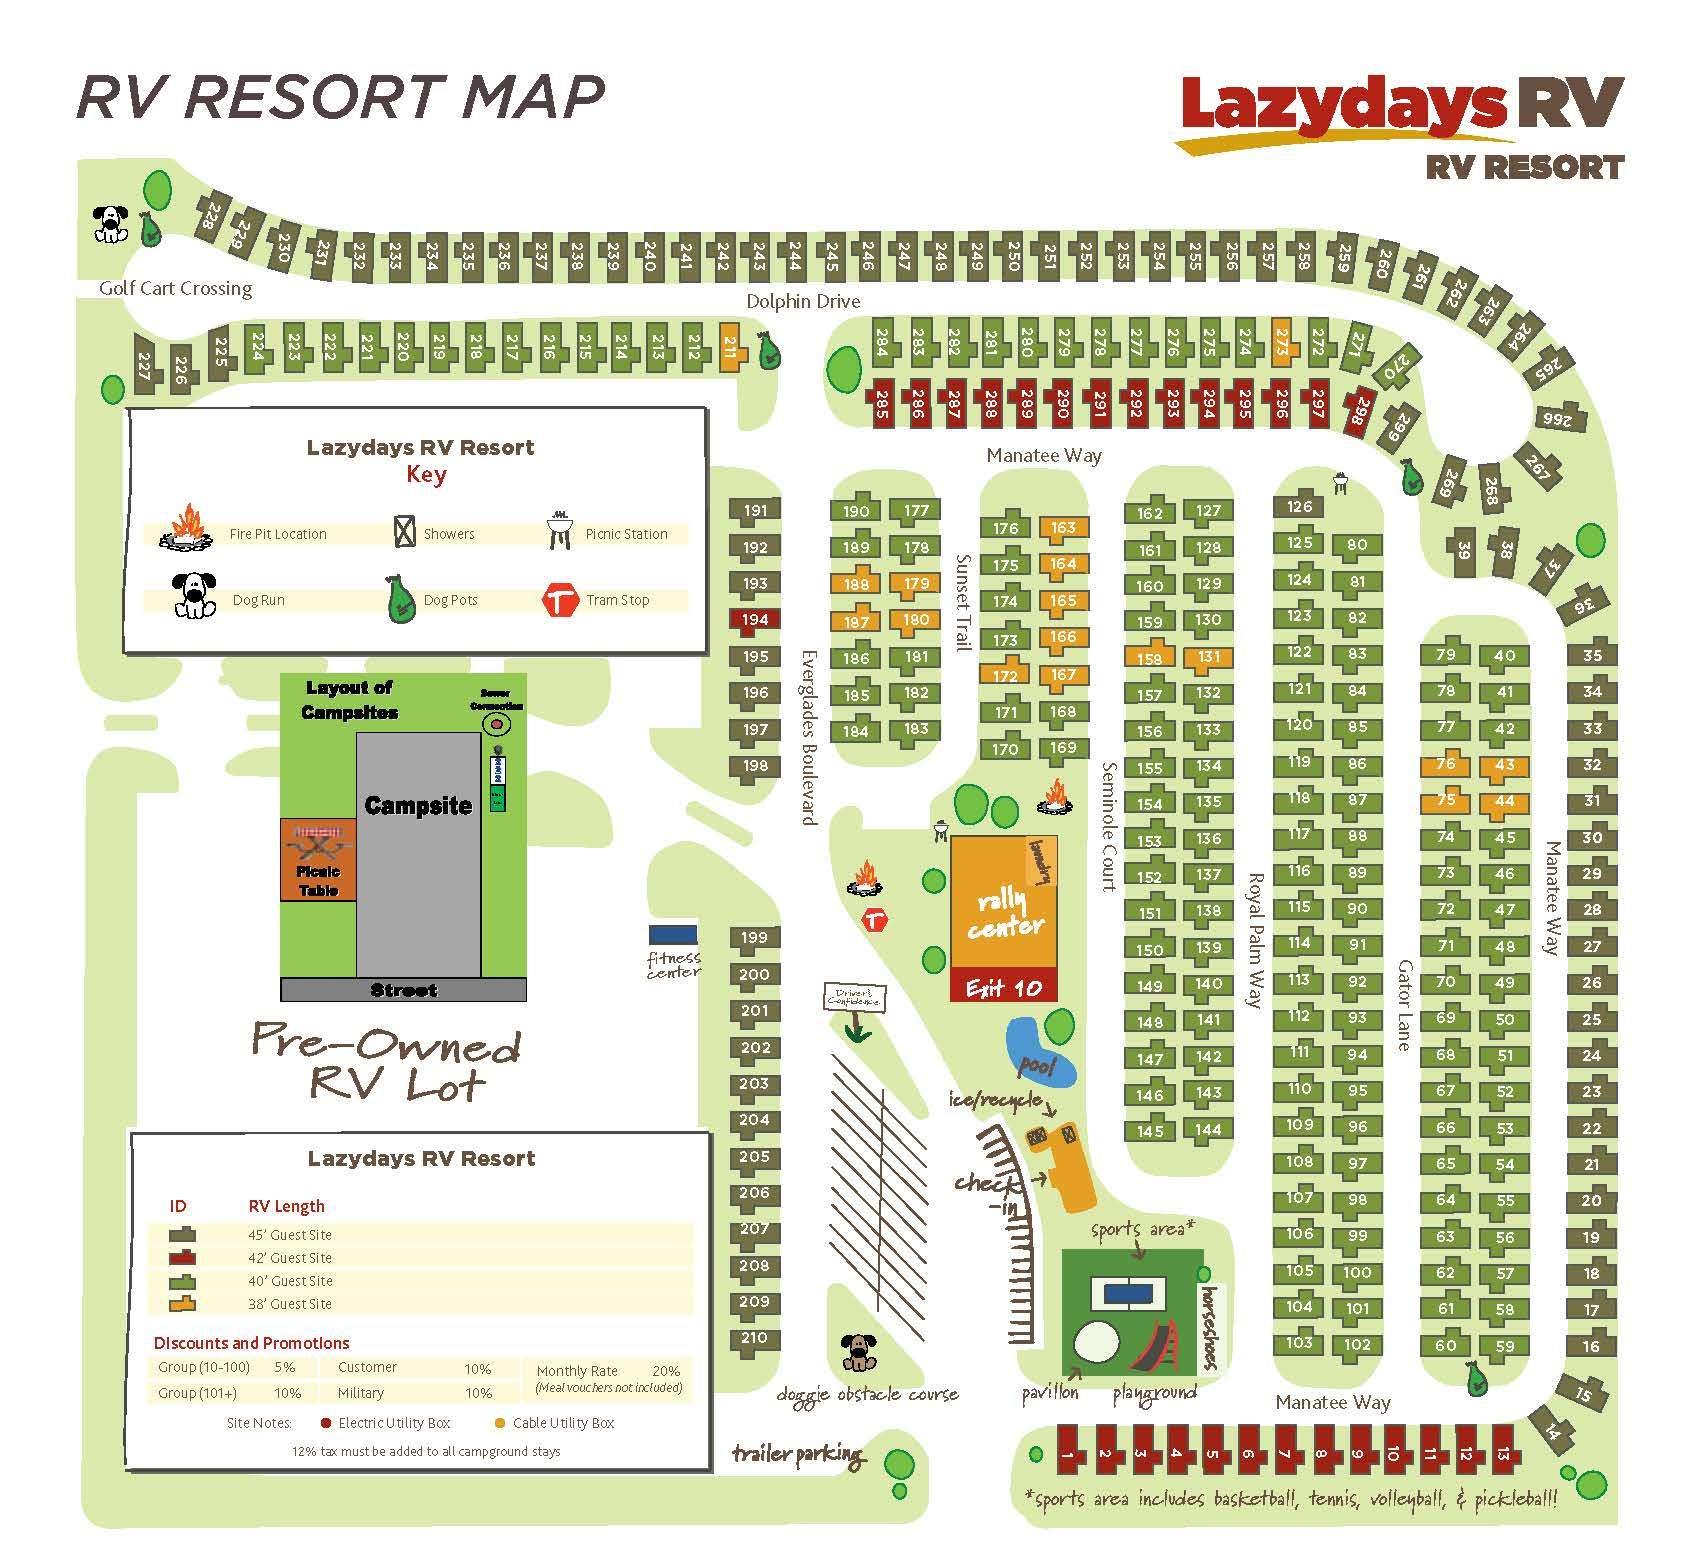 Tampa Rv Resort Map | Lazydays Rv In Tampa, Florida - Florida Rv Camping Map